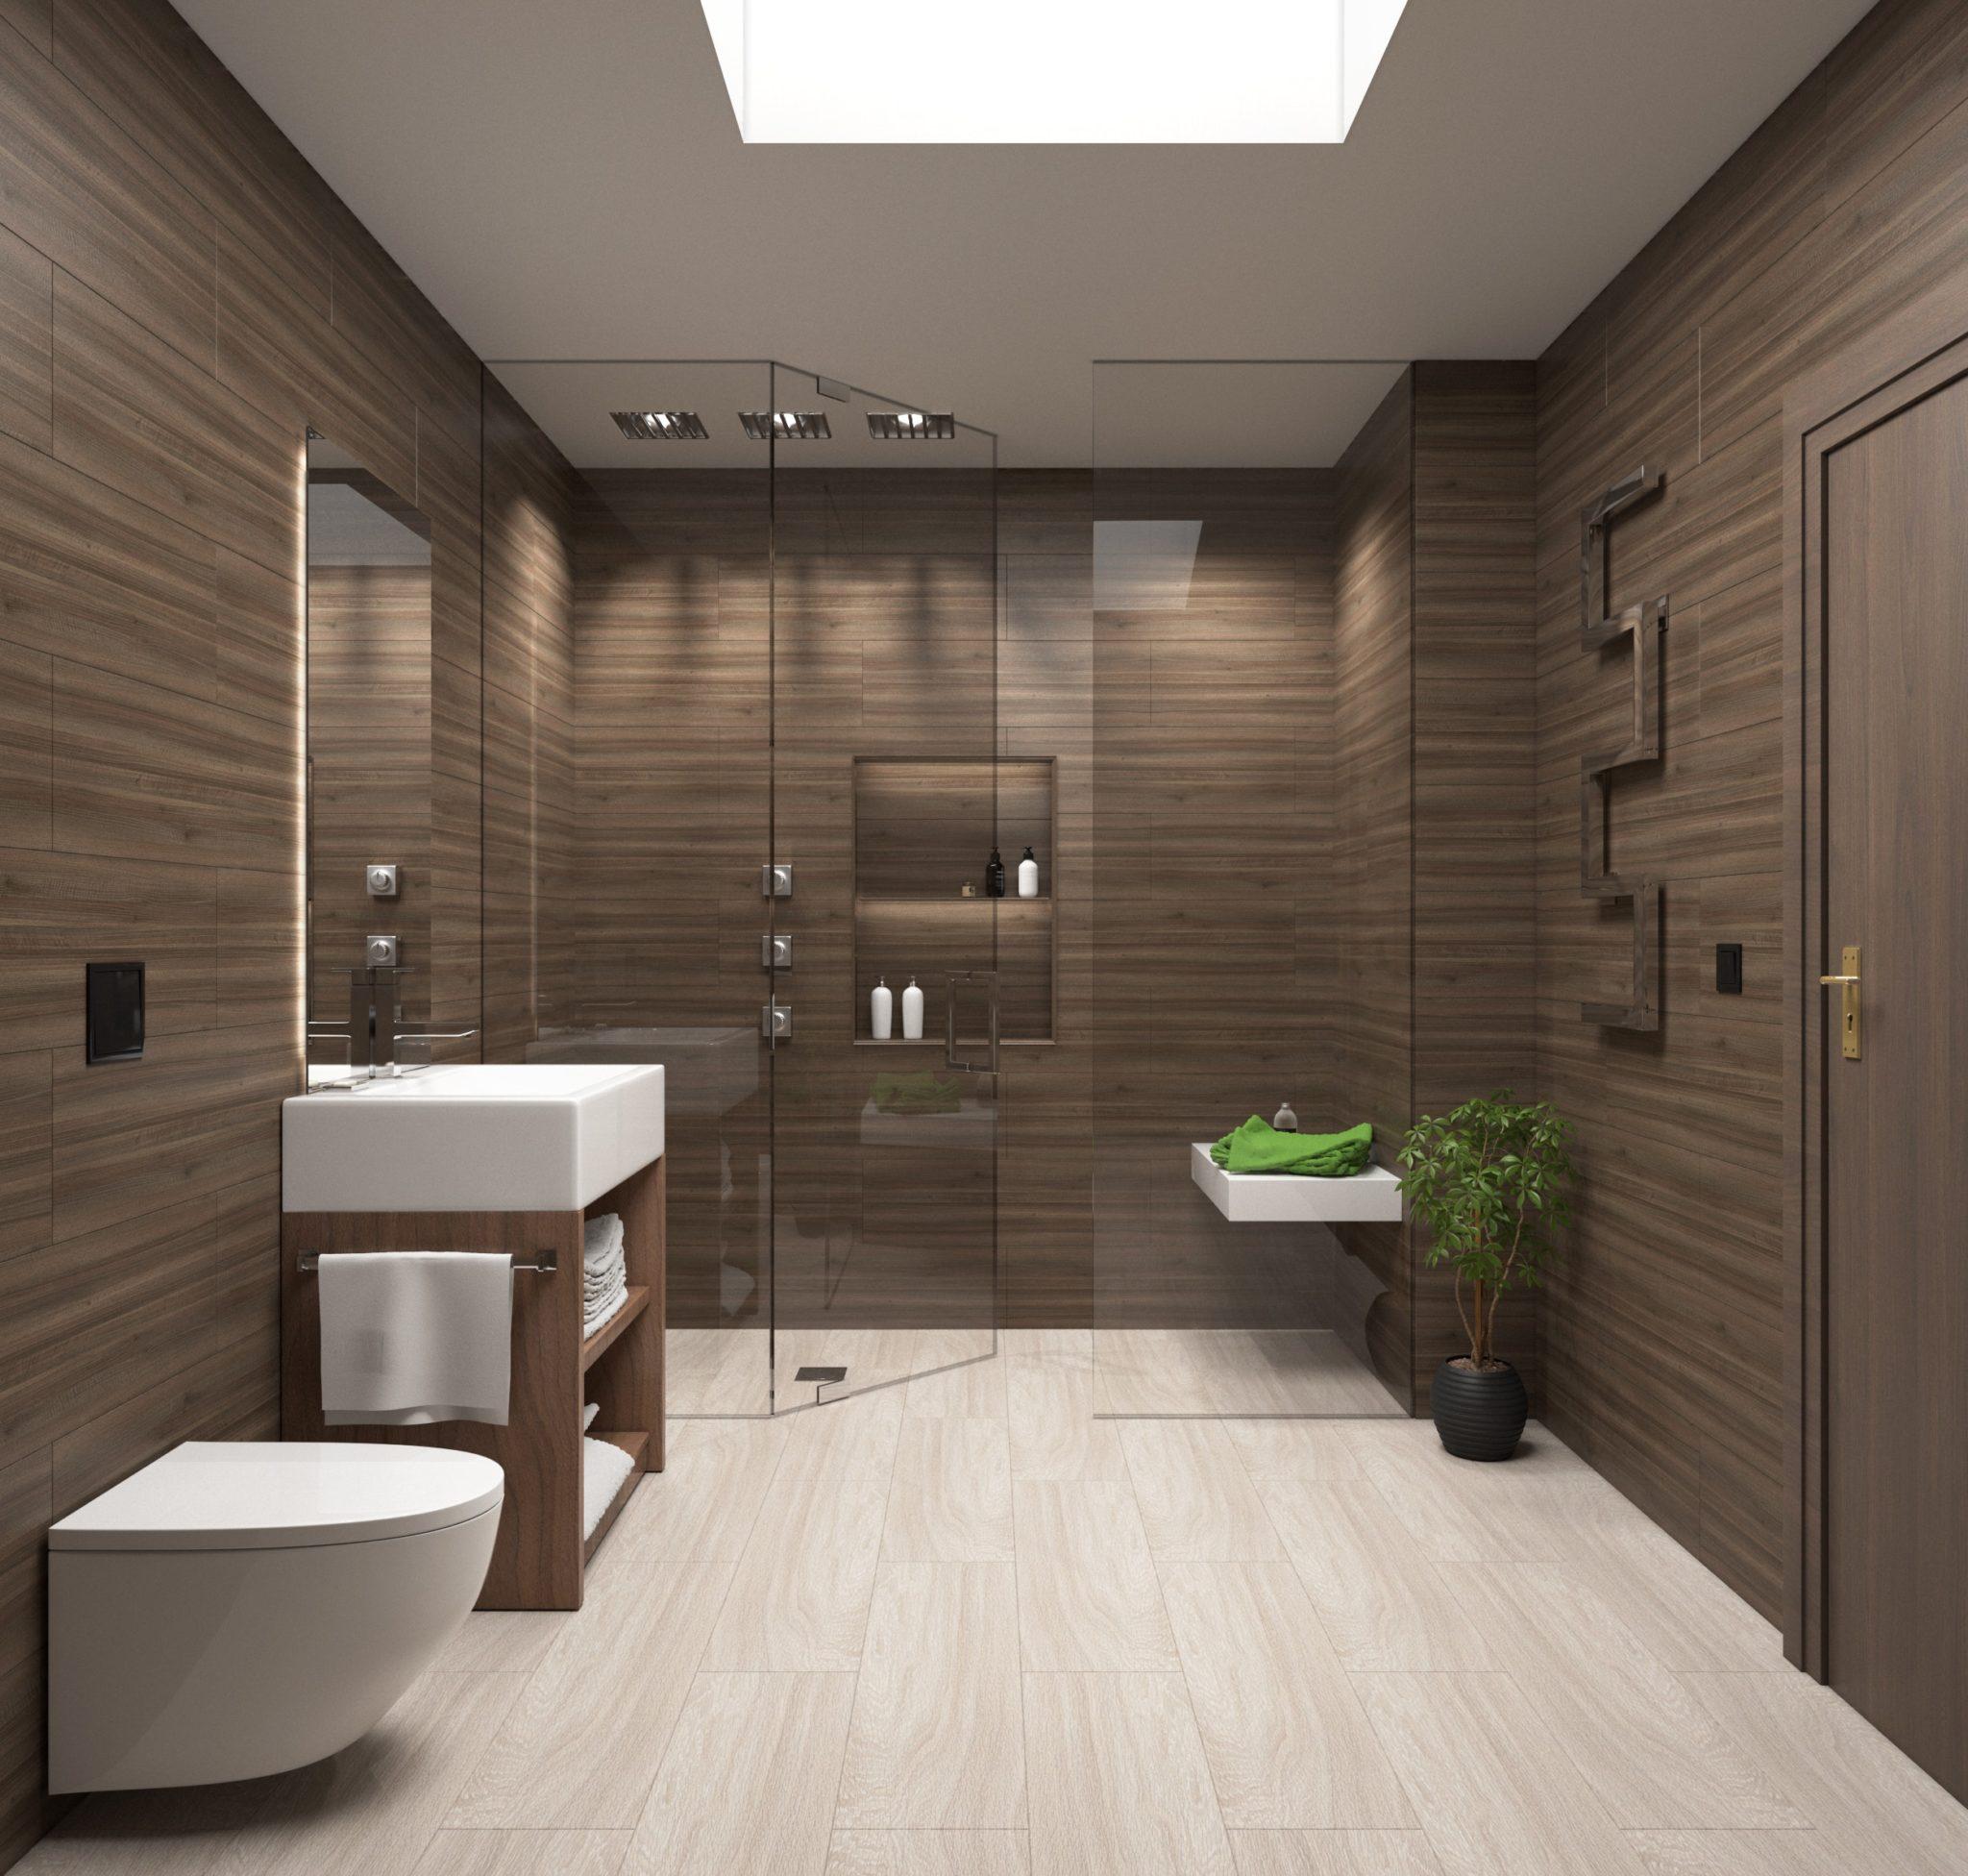 Verwonderlijk Een houten vloer in je badkamer - LivingHip JY-71